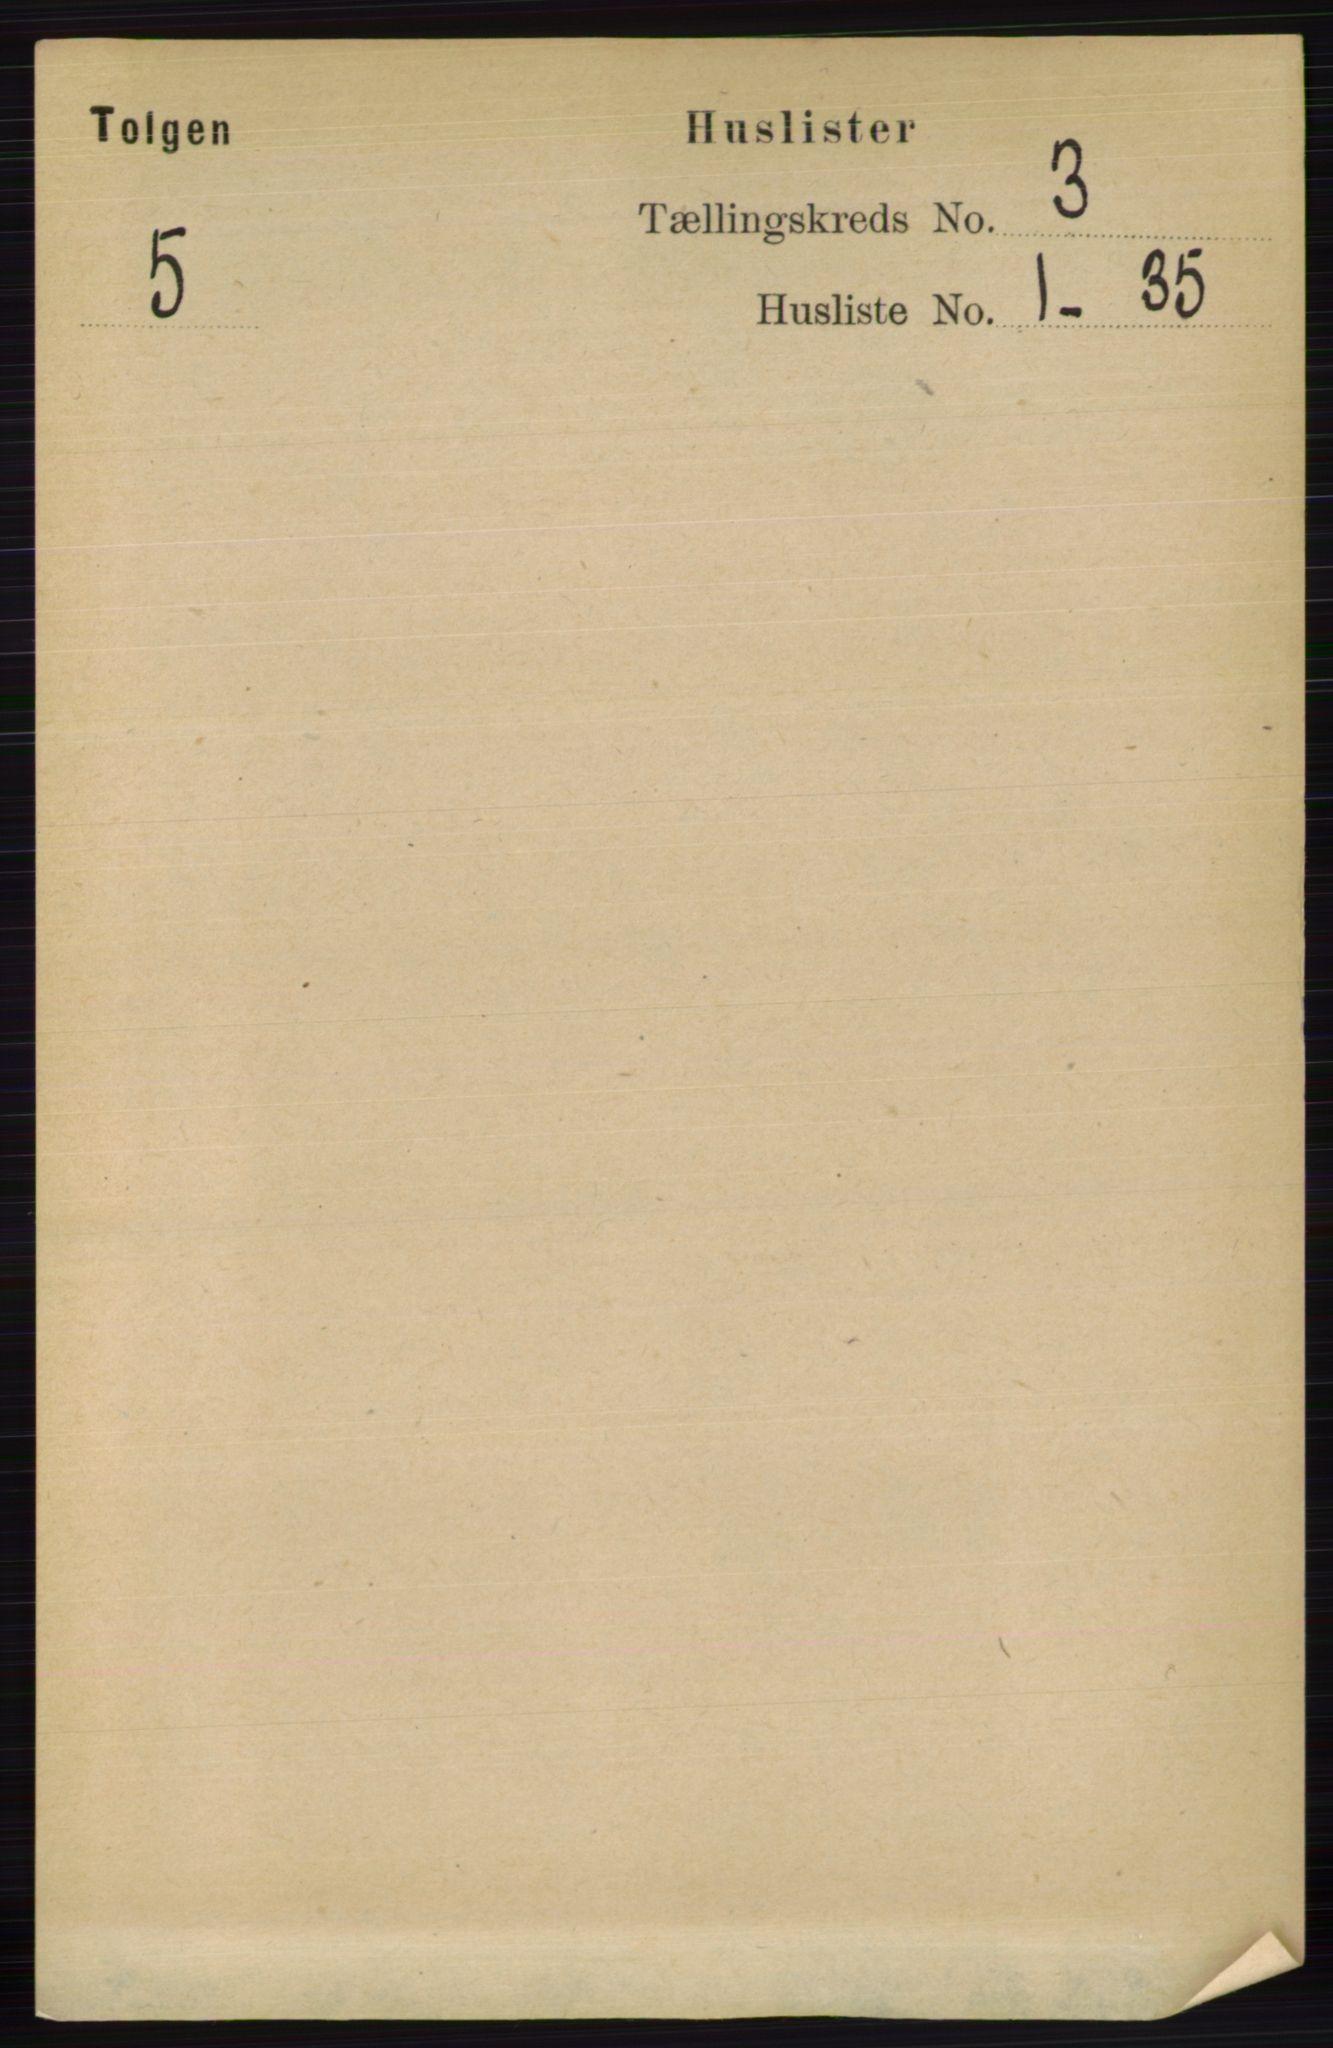 RA, Folketelling 1891 for 0436 Tolga herred, 1891, s. 497